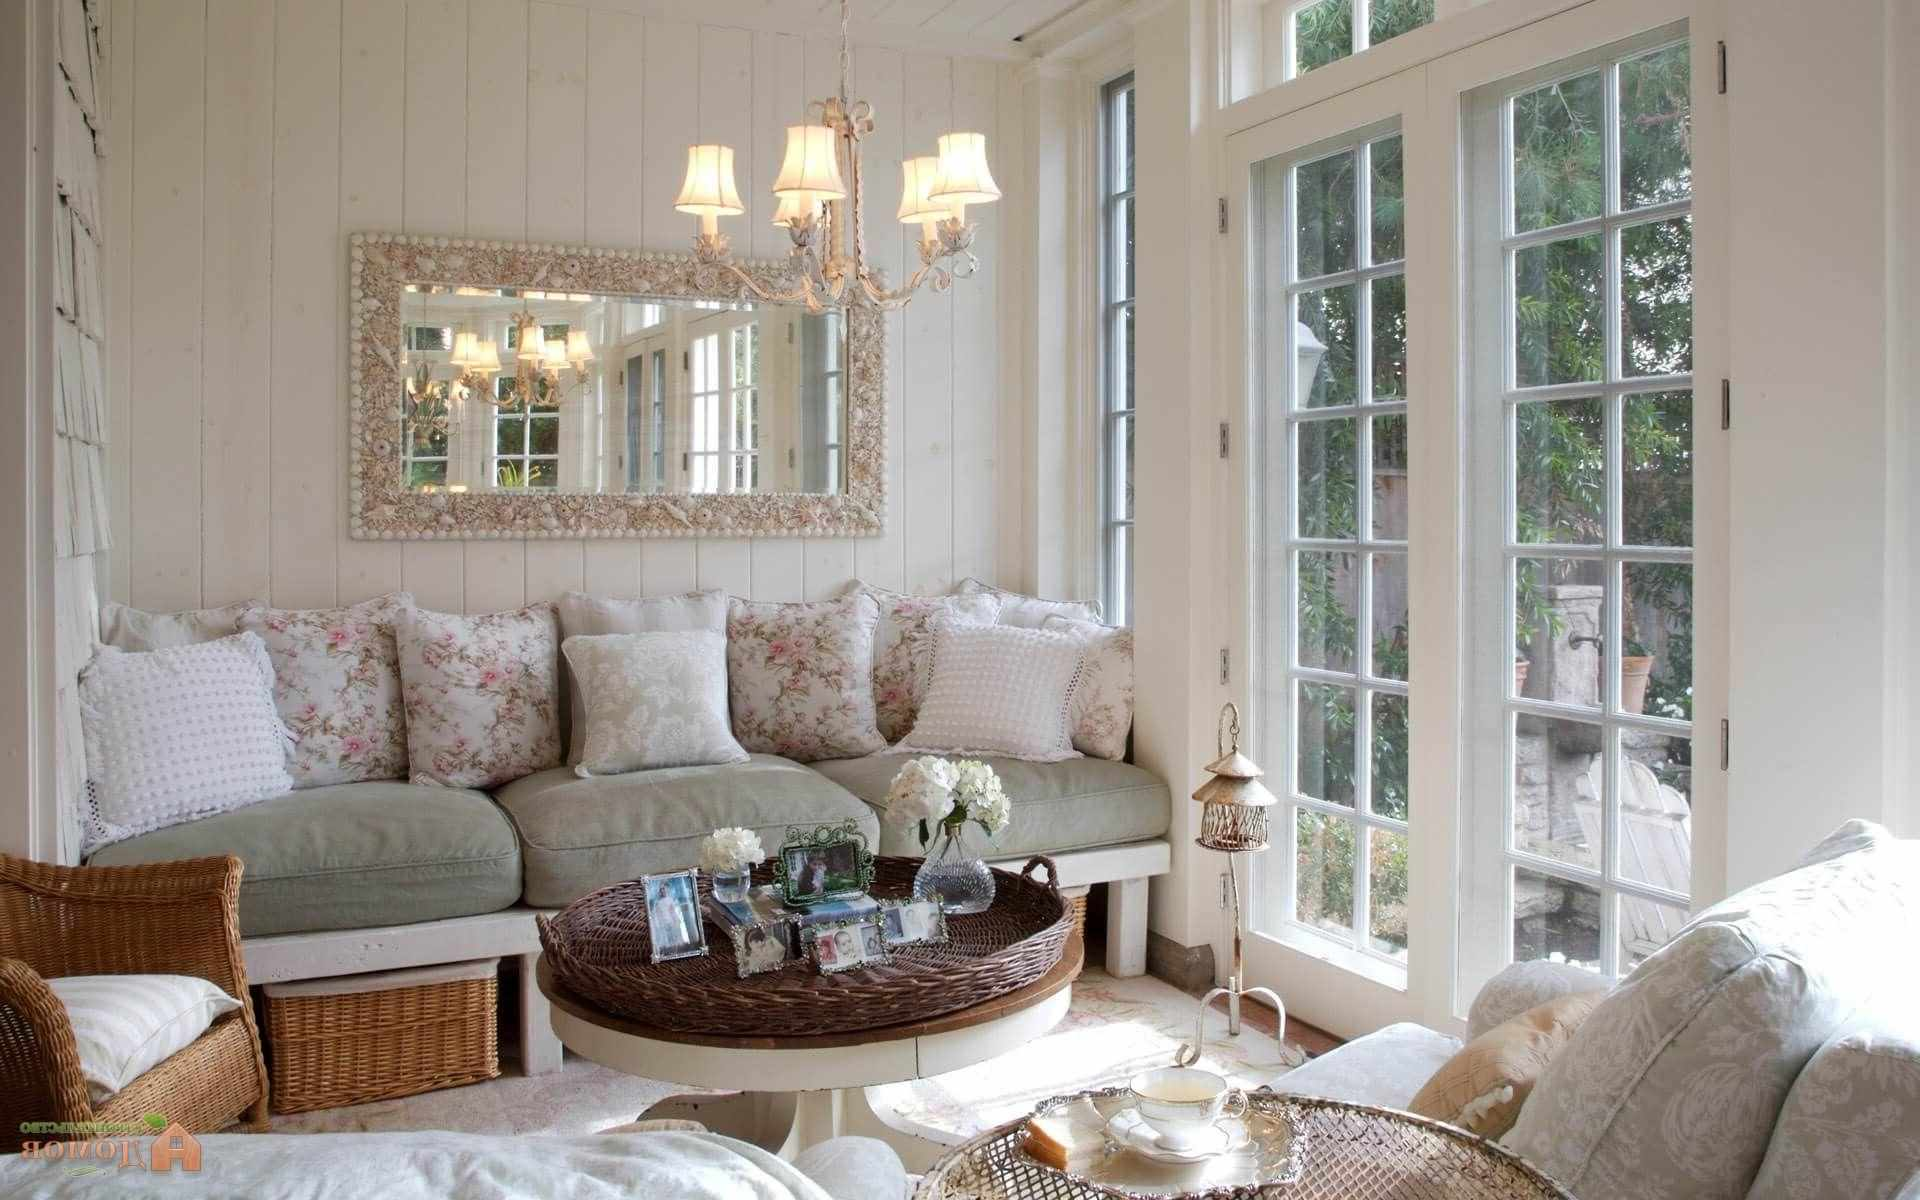 Một ví dụ về thiết kế Provence ánh sáng trong phòng khách